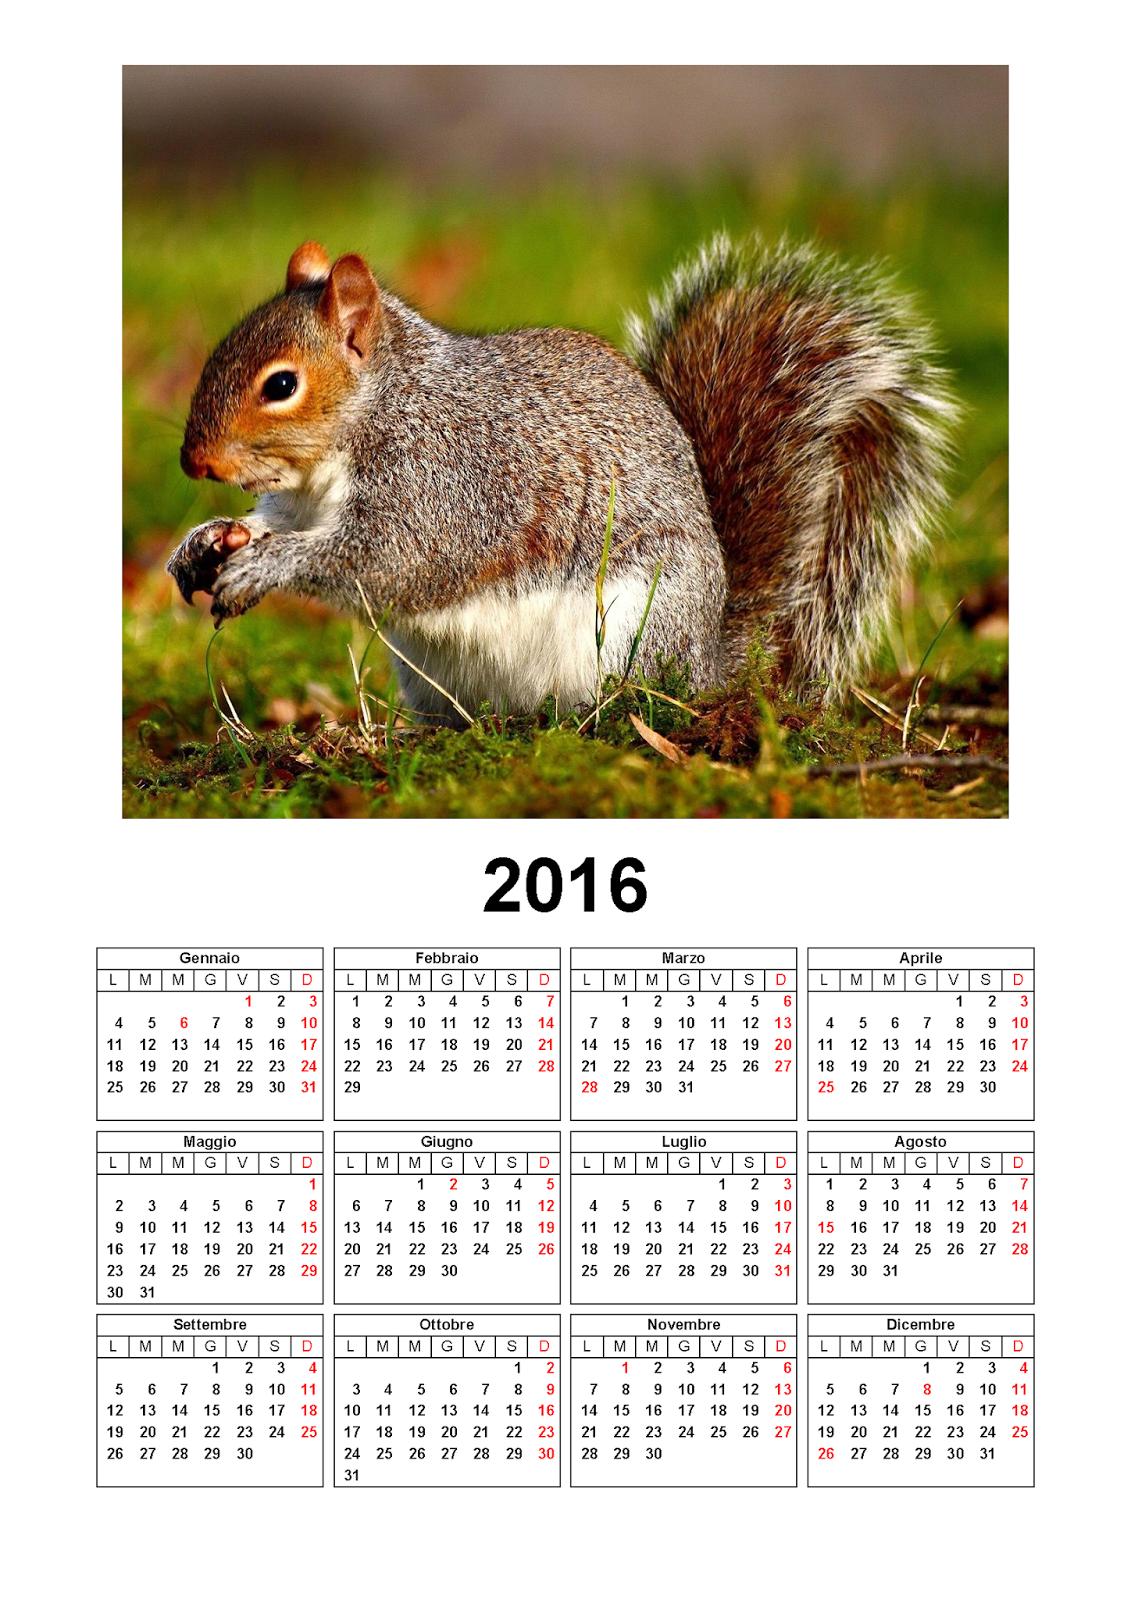 calendario 2016 - mensile - annuale - scoiattolo